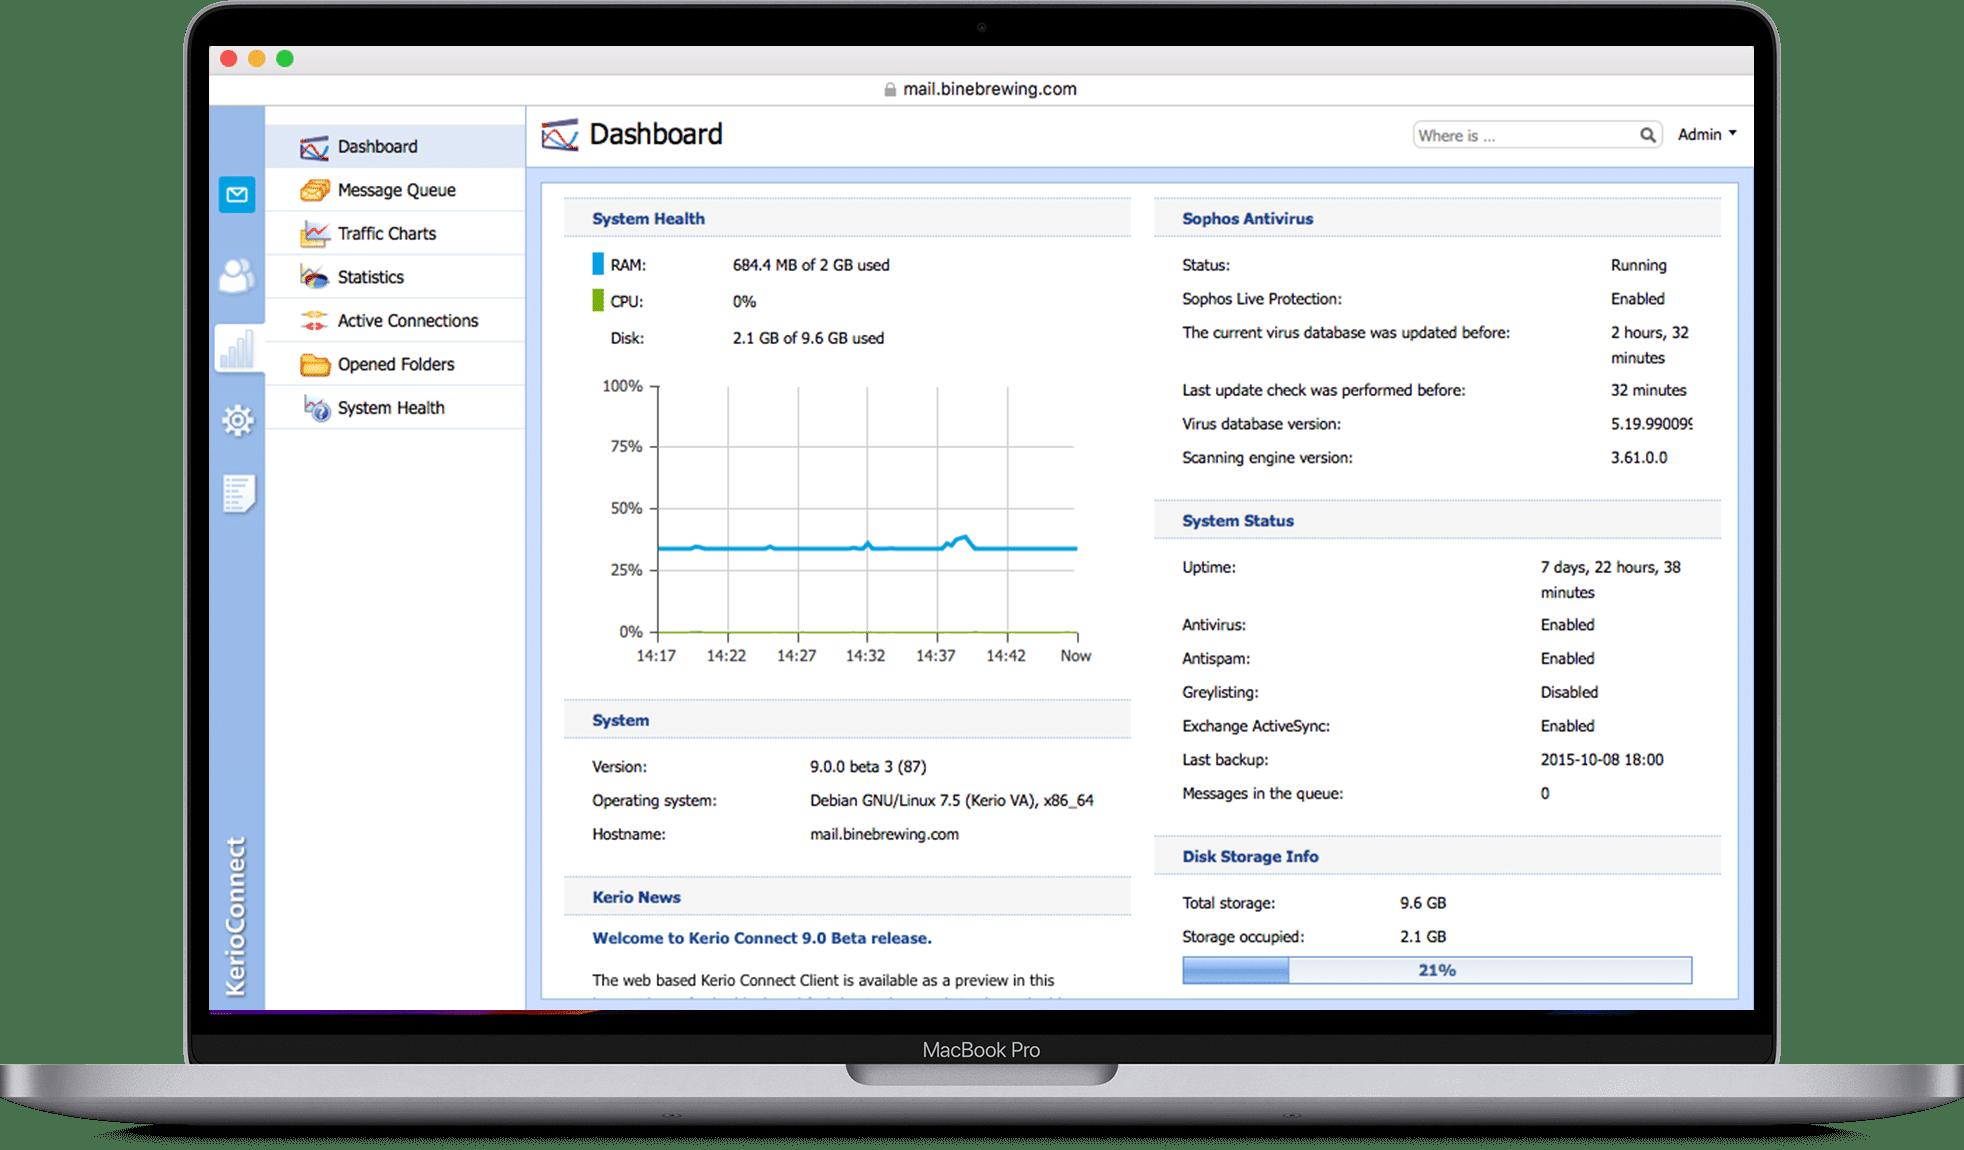 Das Kerio Client Interface ist intuitiv, leicht zu bedienen und besonders für Mac User geeignet